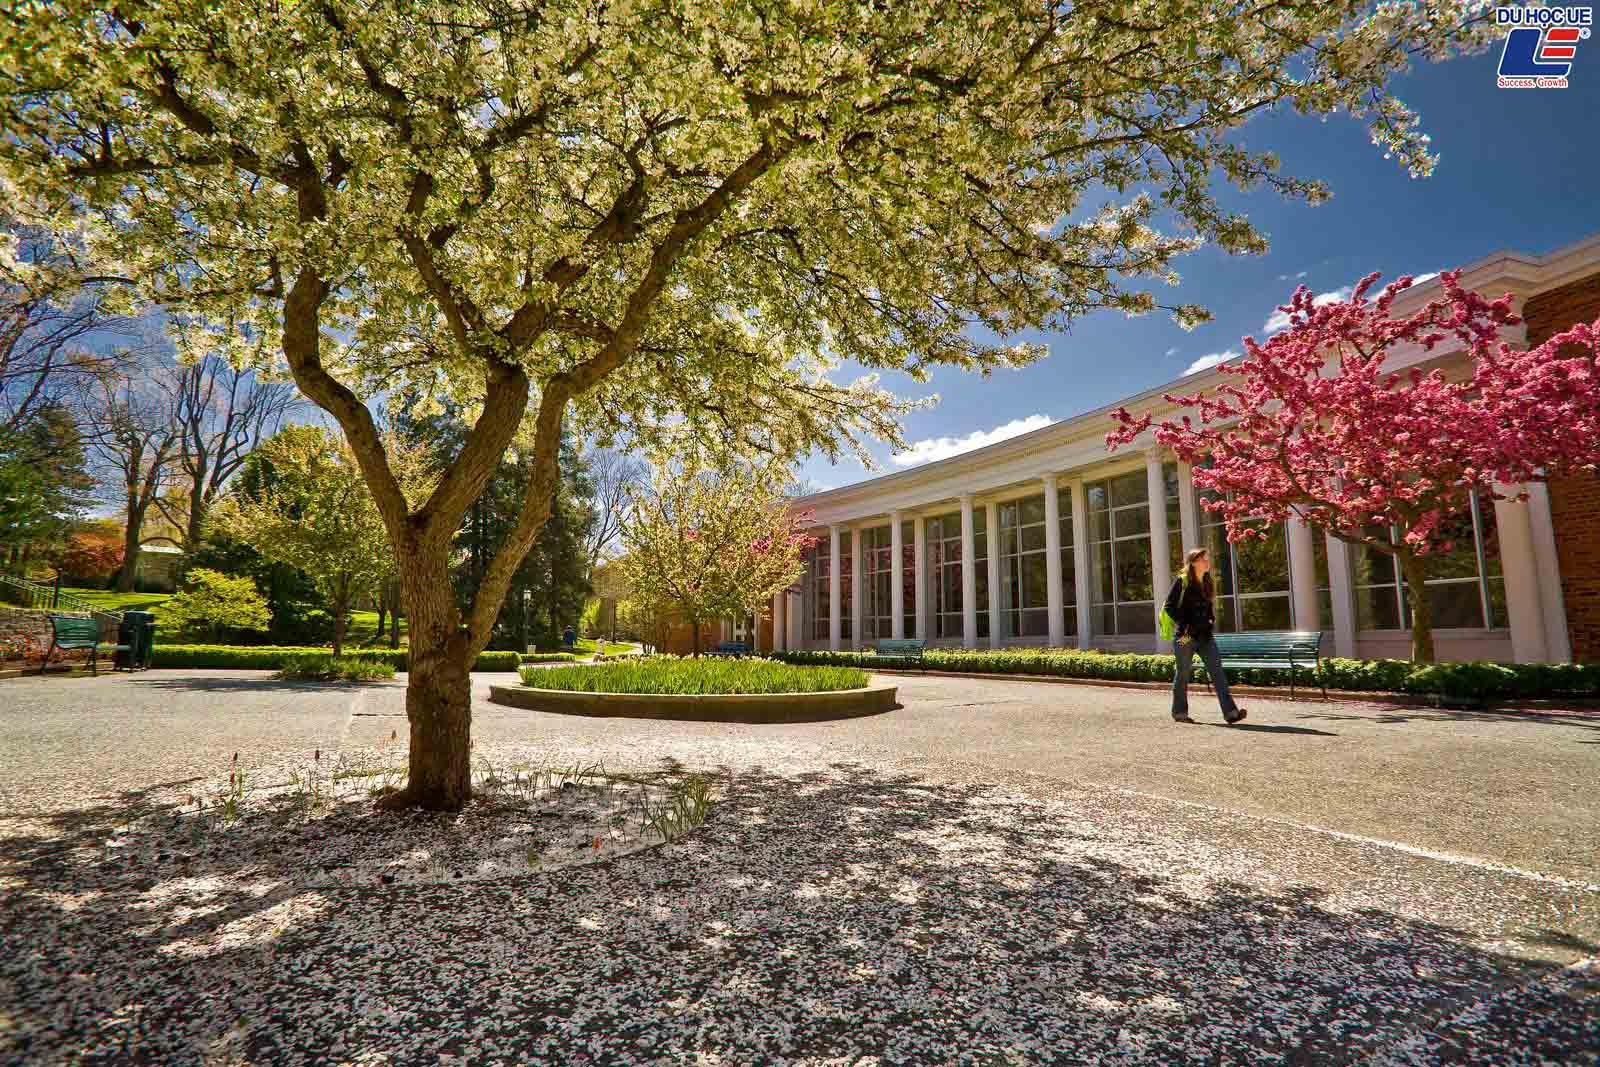 Cơ hội săn học bổng tại Allegheny College - Trường cao đẳng thuộc 1% những trường lâu đời nhất nước Mỹ 2